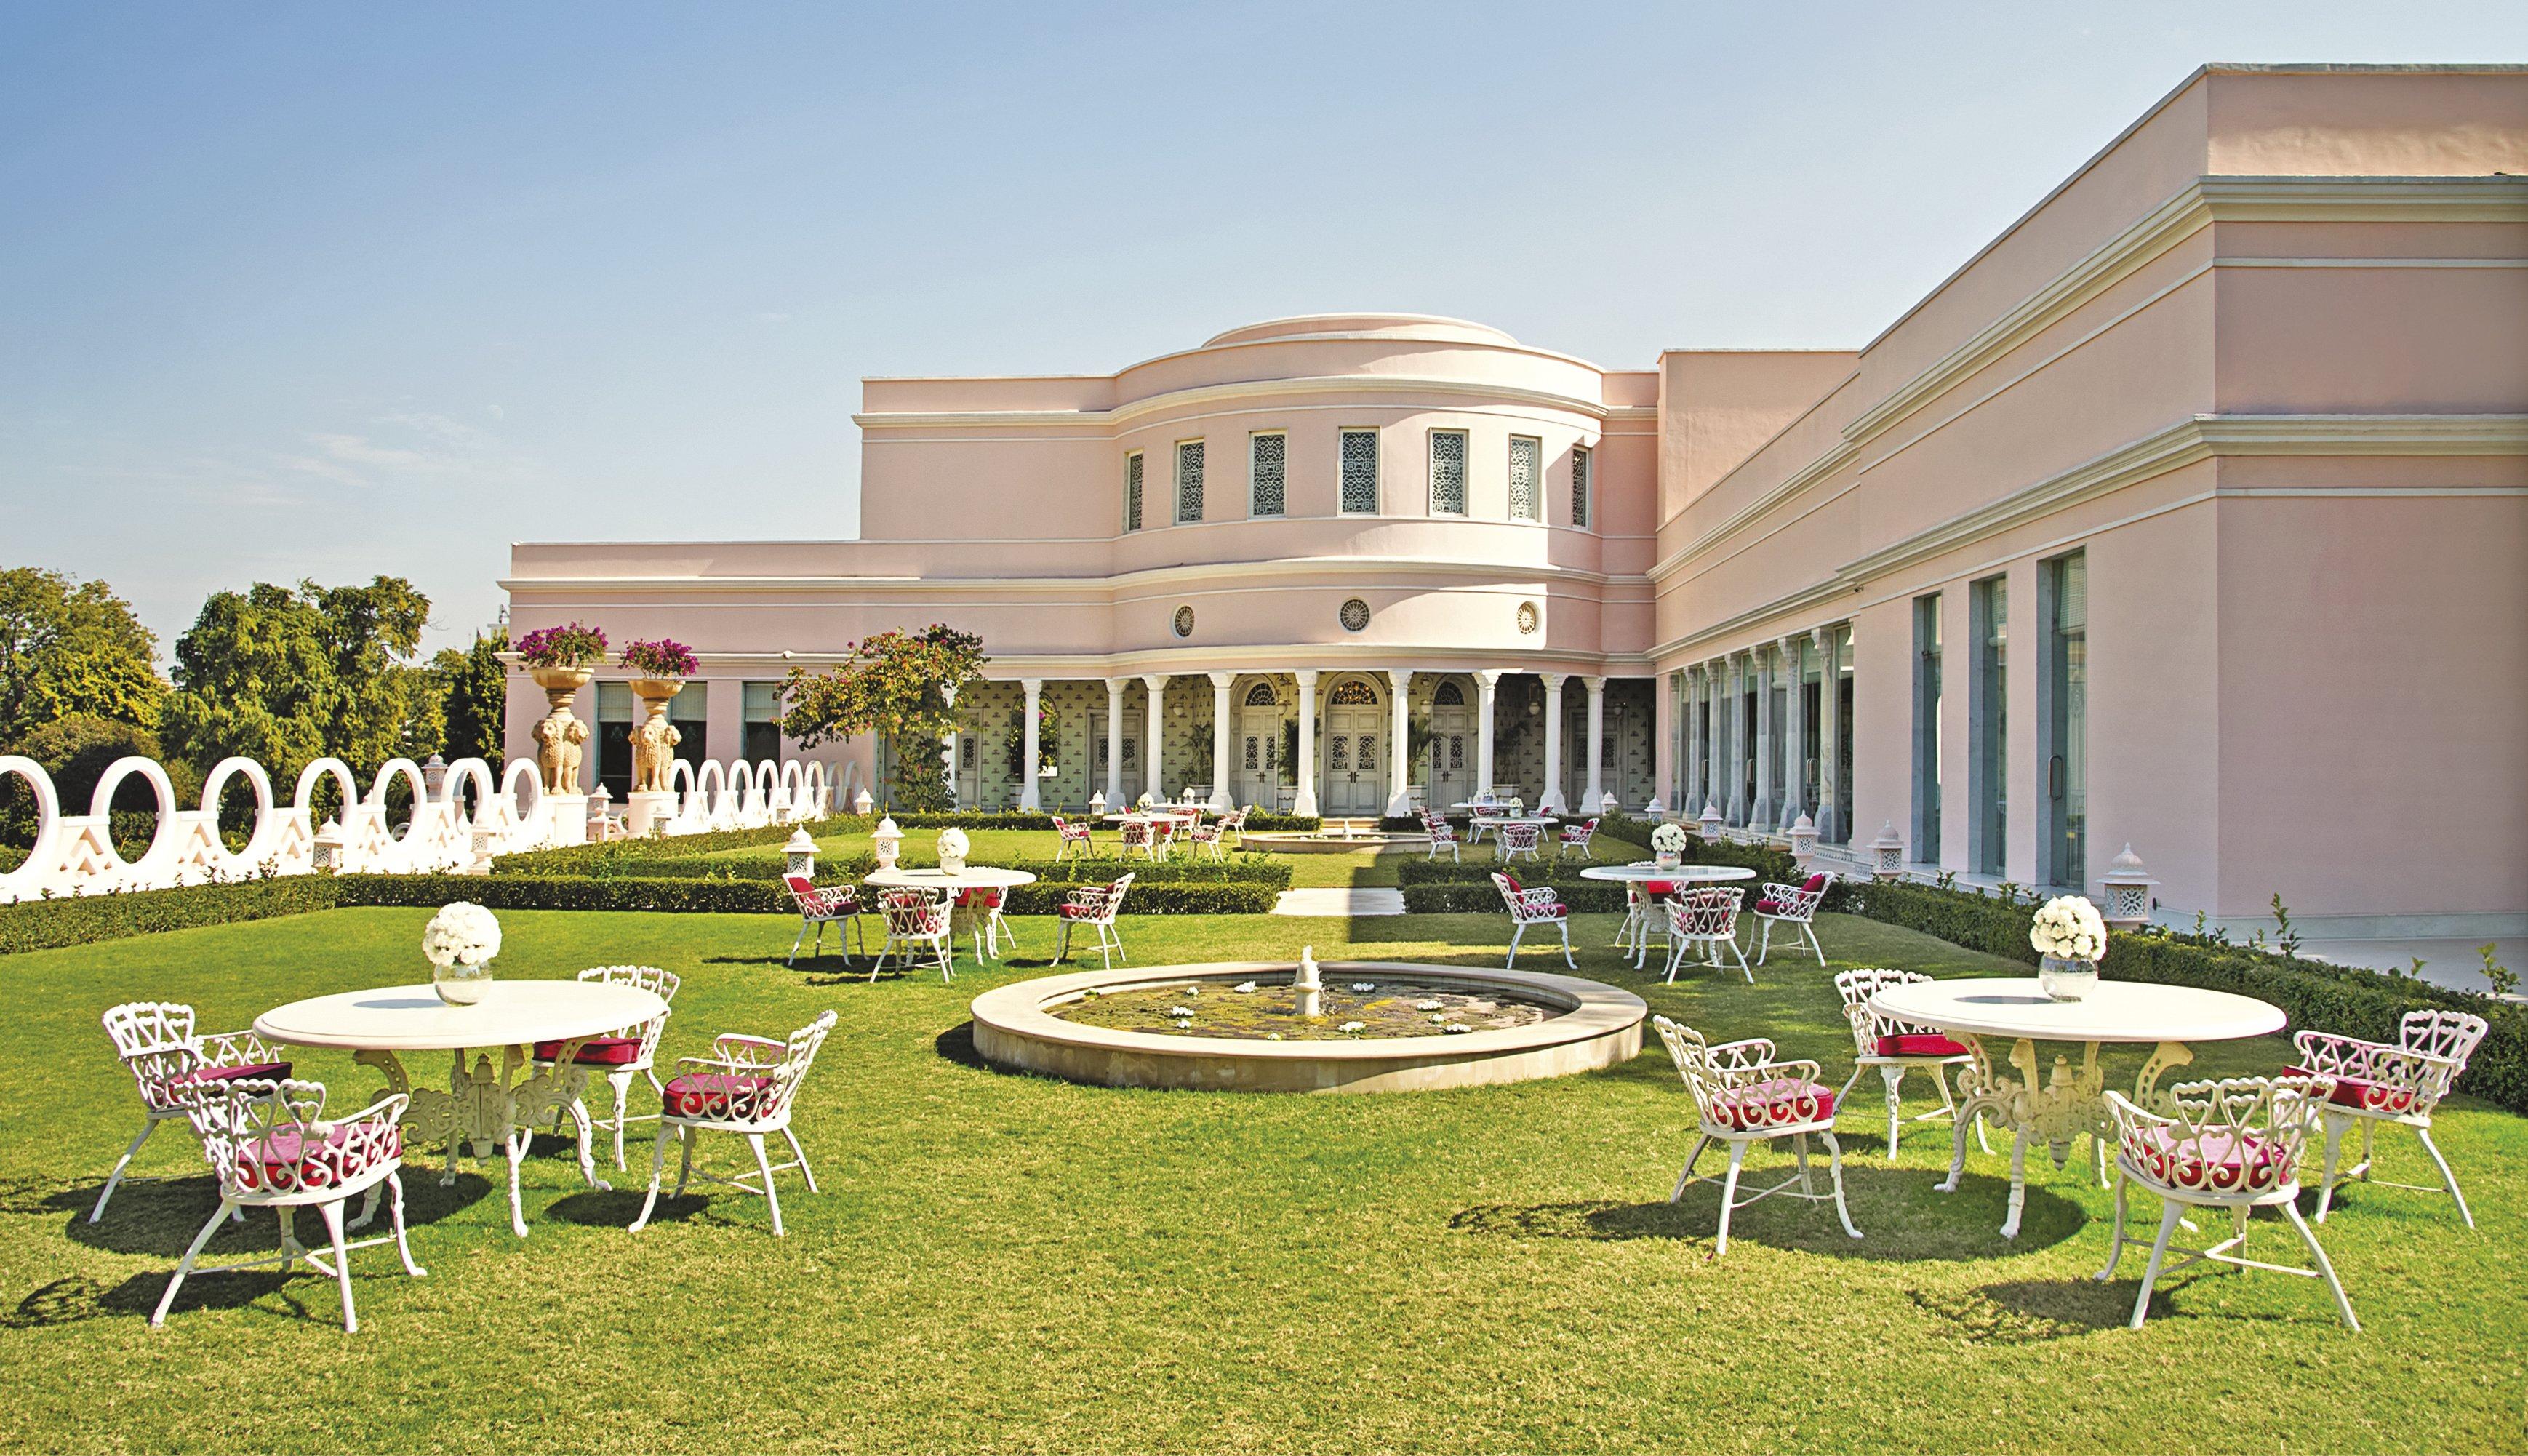 sujan-rajmahal-palace-jaipur-facade